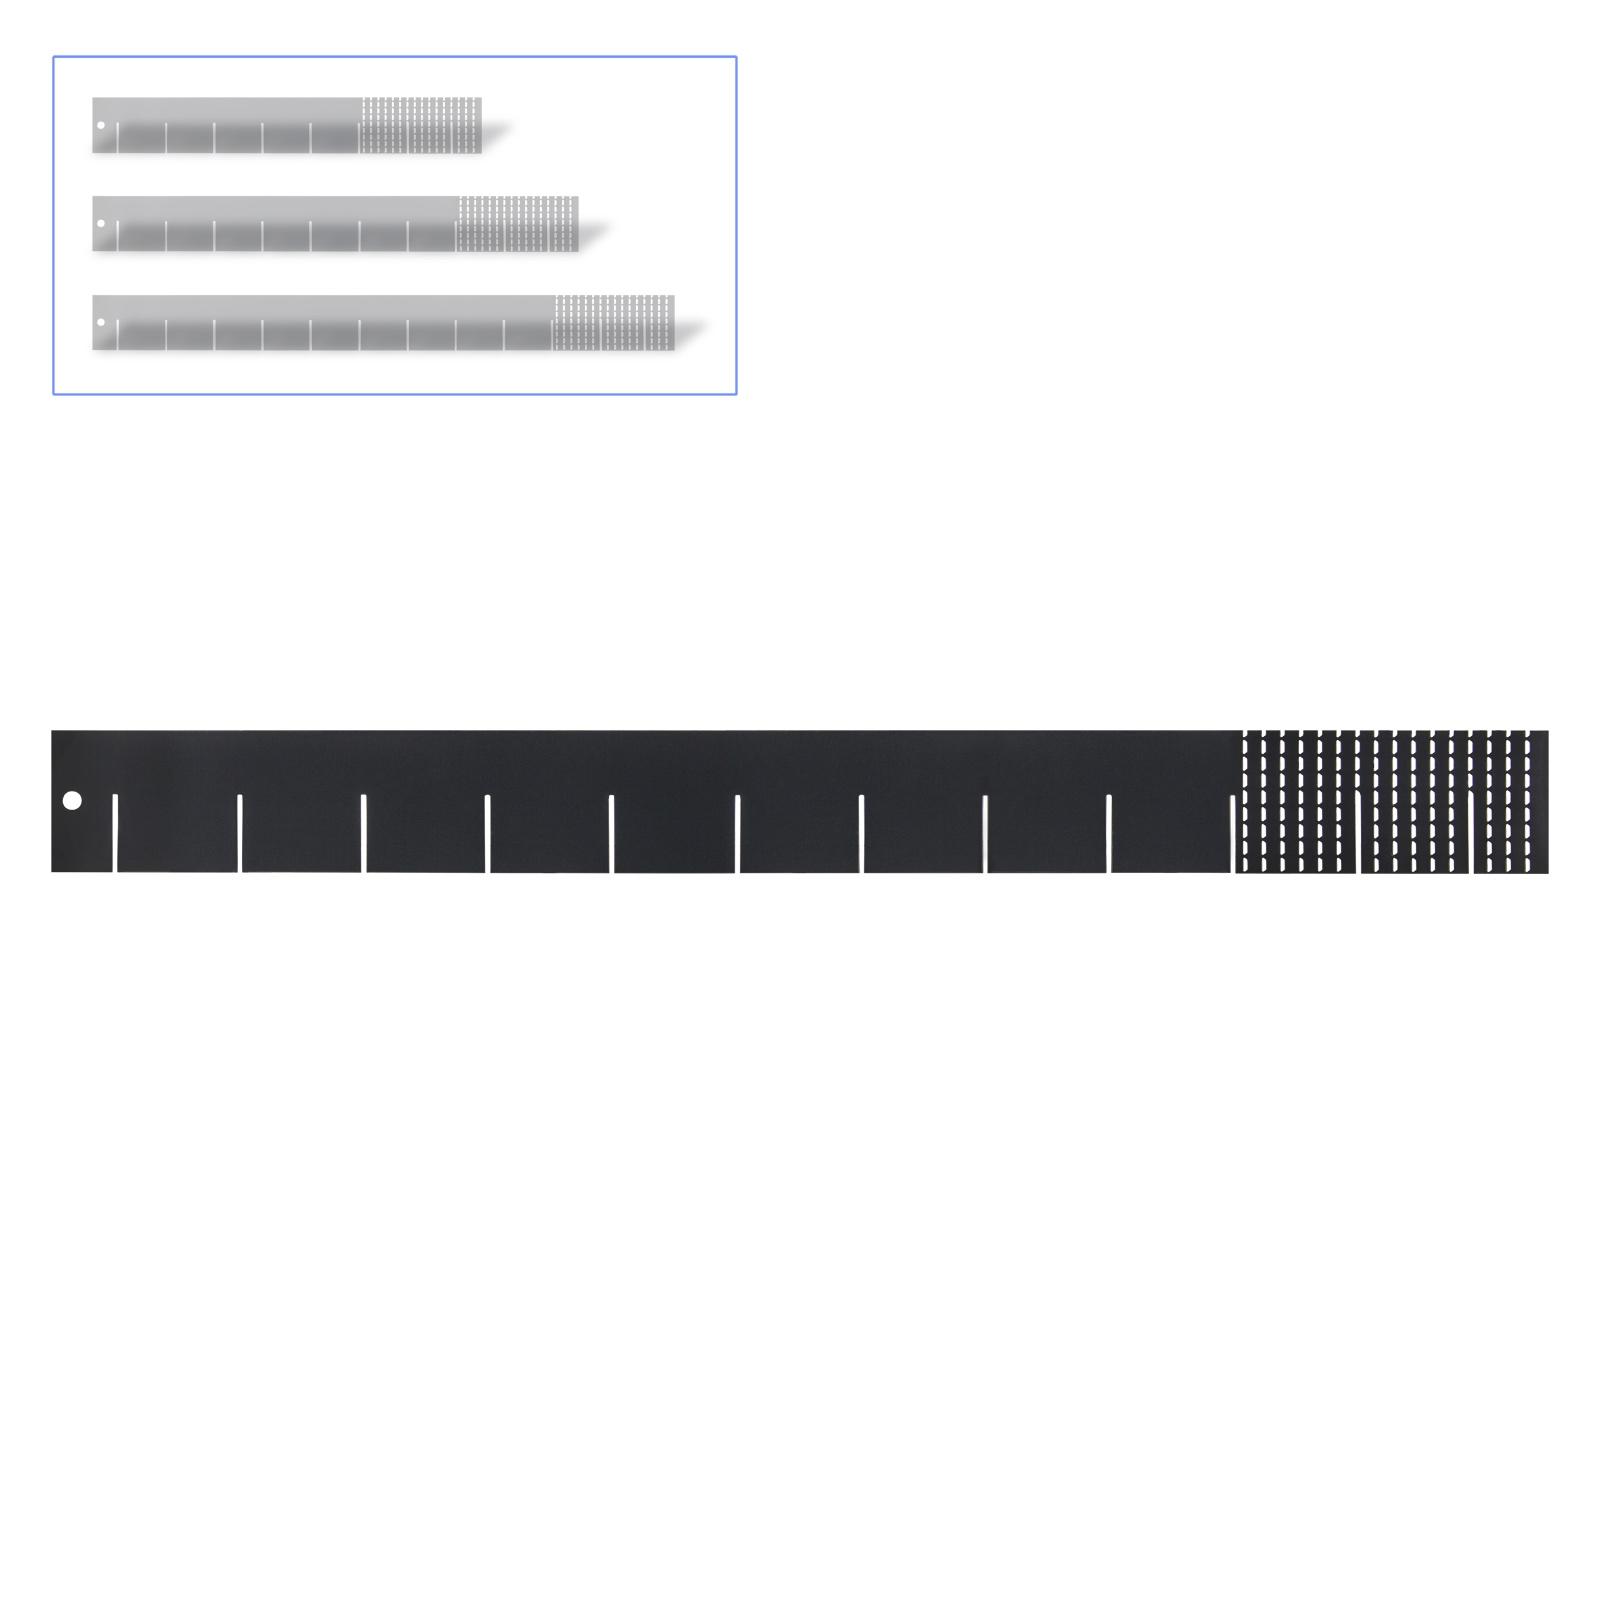 Dema Universaleinteiler Schubladeneinteiler 40 / 50 / 60 cm Werkstatt Einteiler Wagen 24769